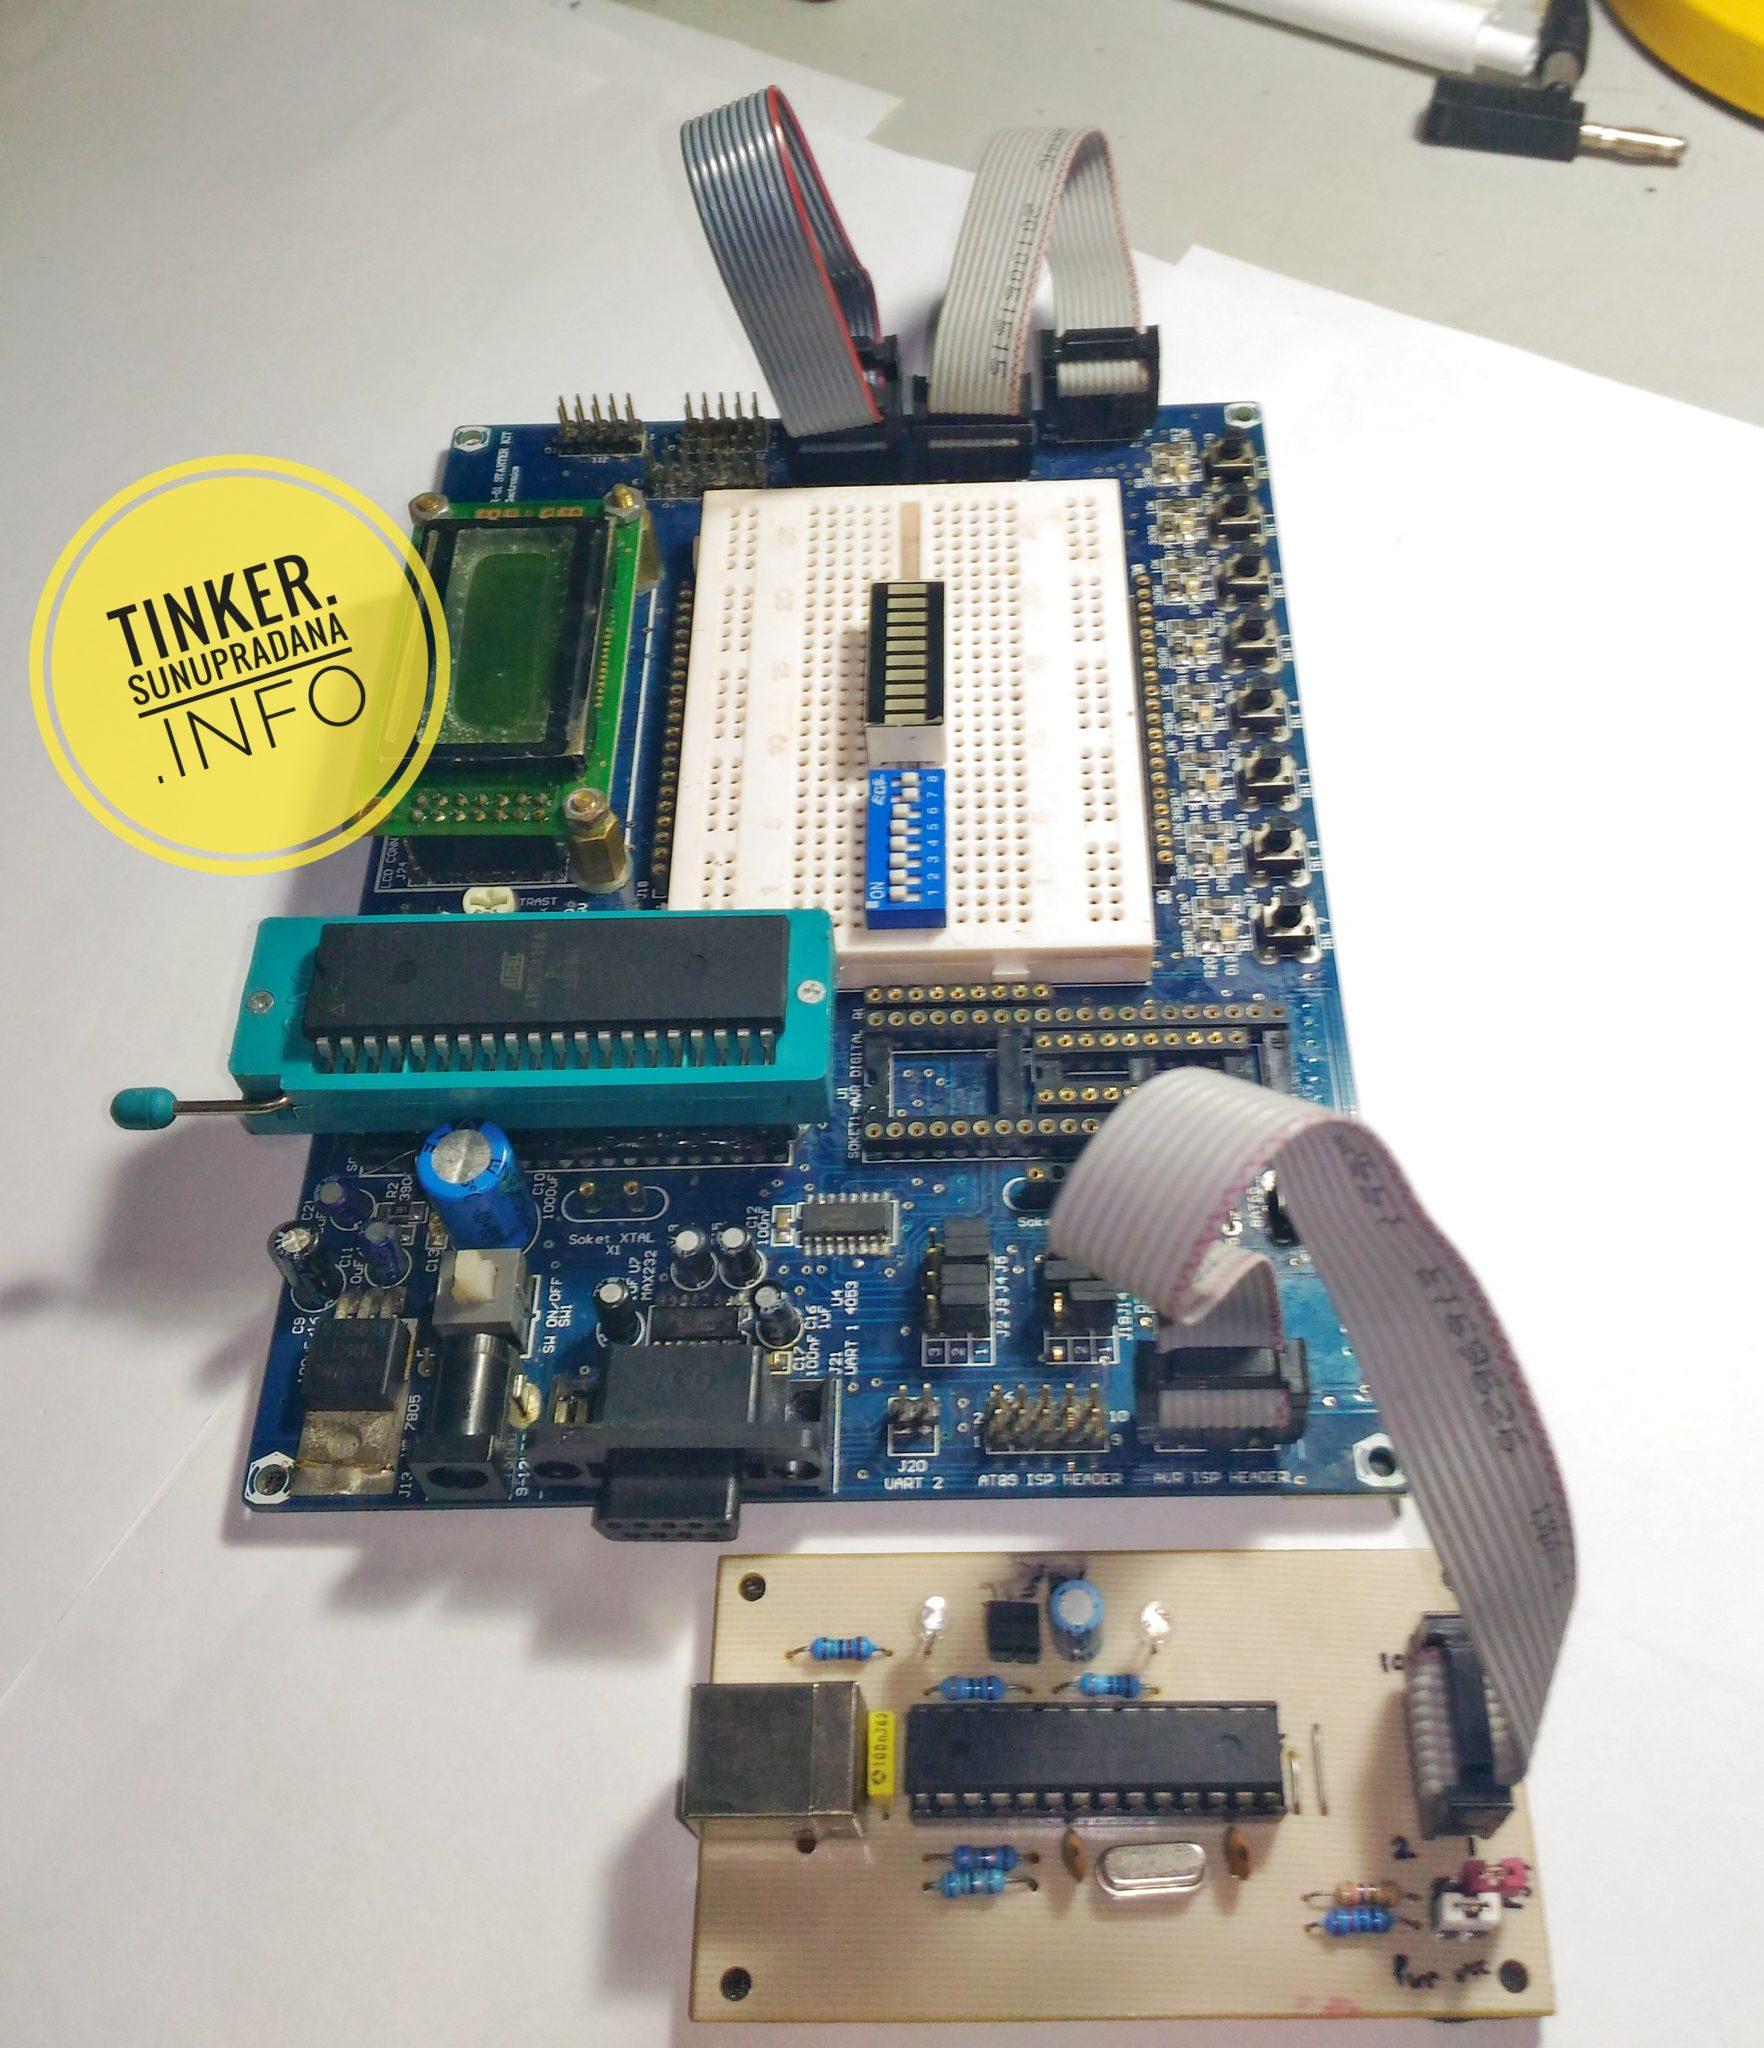 Atmel Tinker Usb Programmer Circuit Zif Socket Usbasp Atmega8 4 Pada Post Sebelumnya Saya Sudah Membuat Catatan Mengenai Sistem Papan Dst 51 Sedang Ini Dt Combo Avr